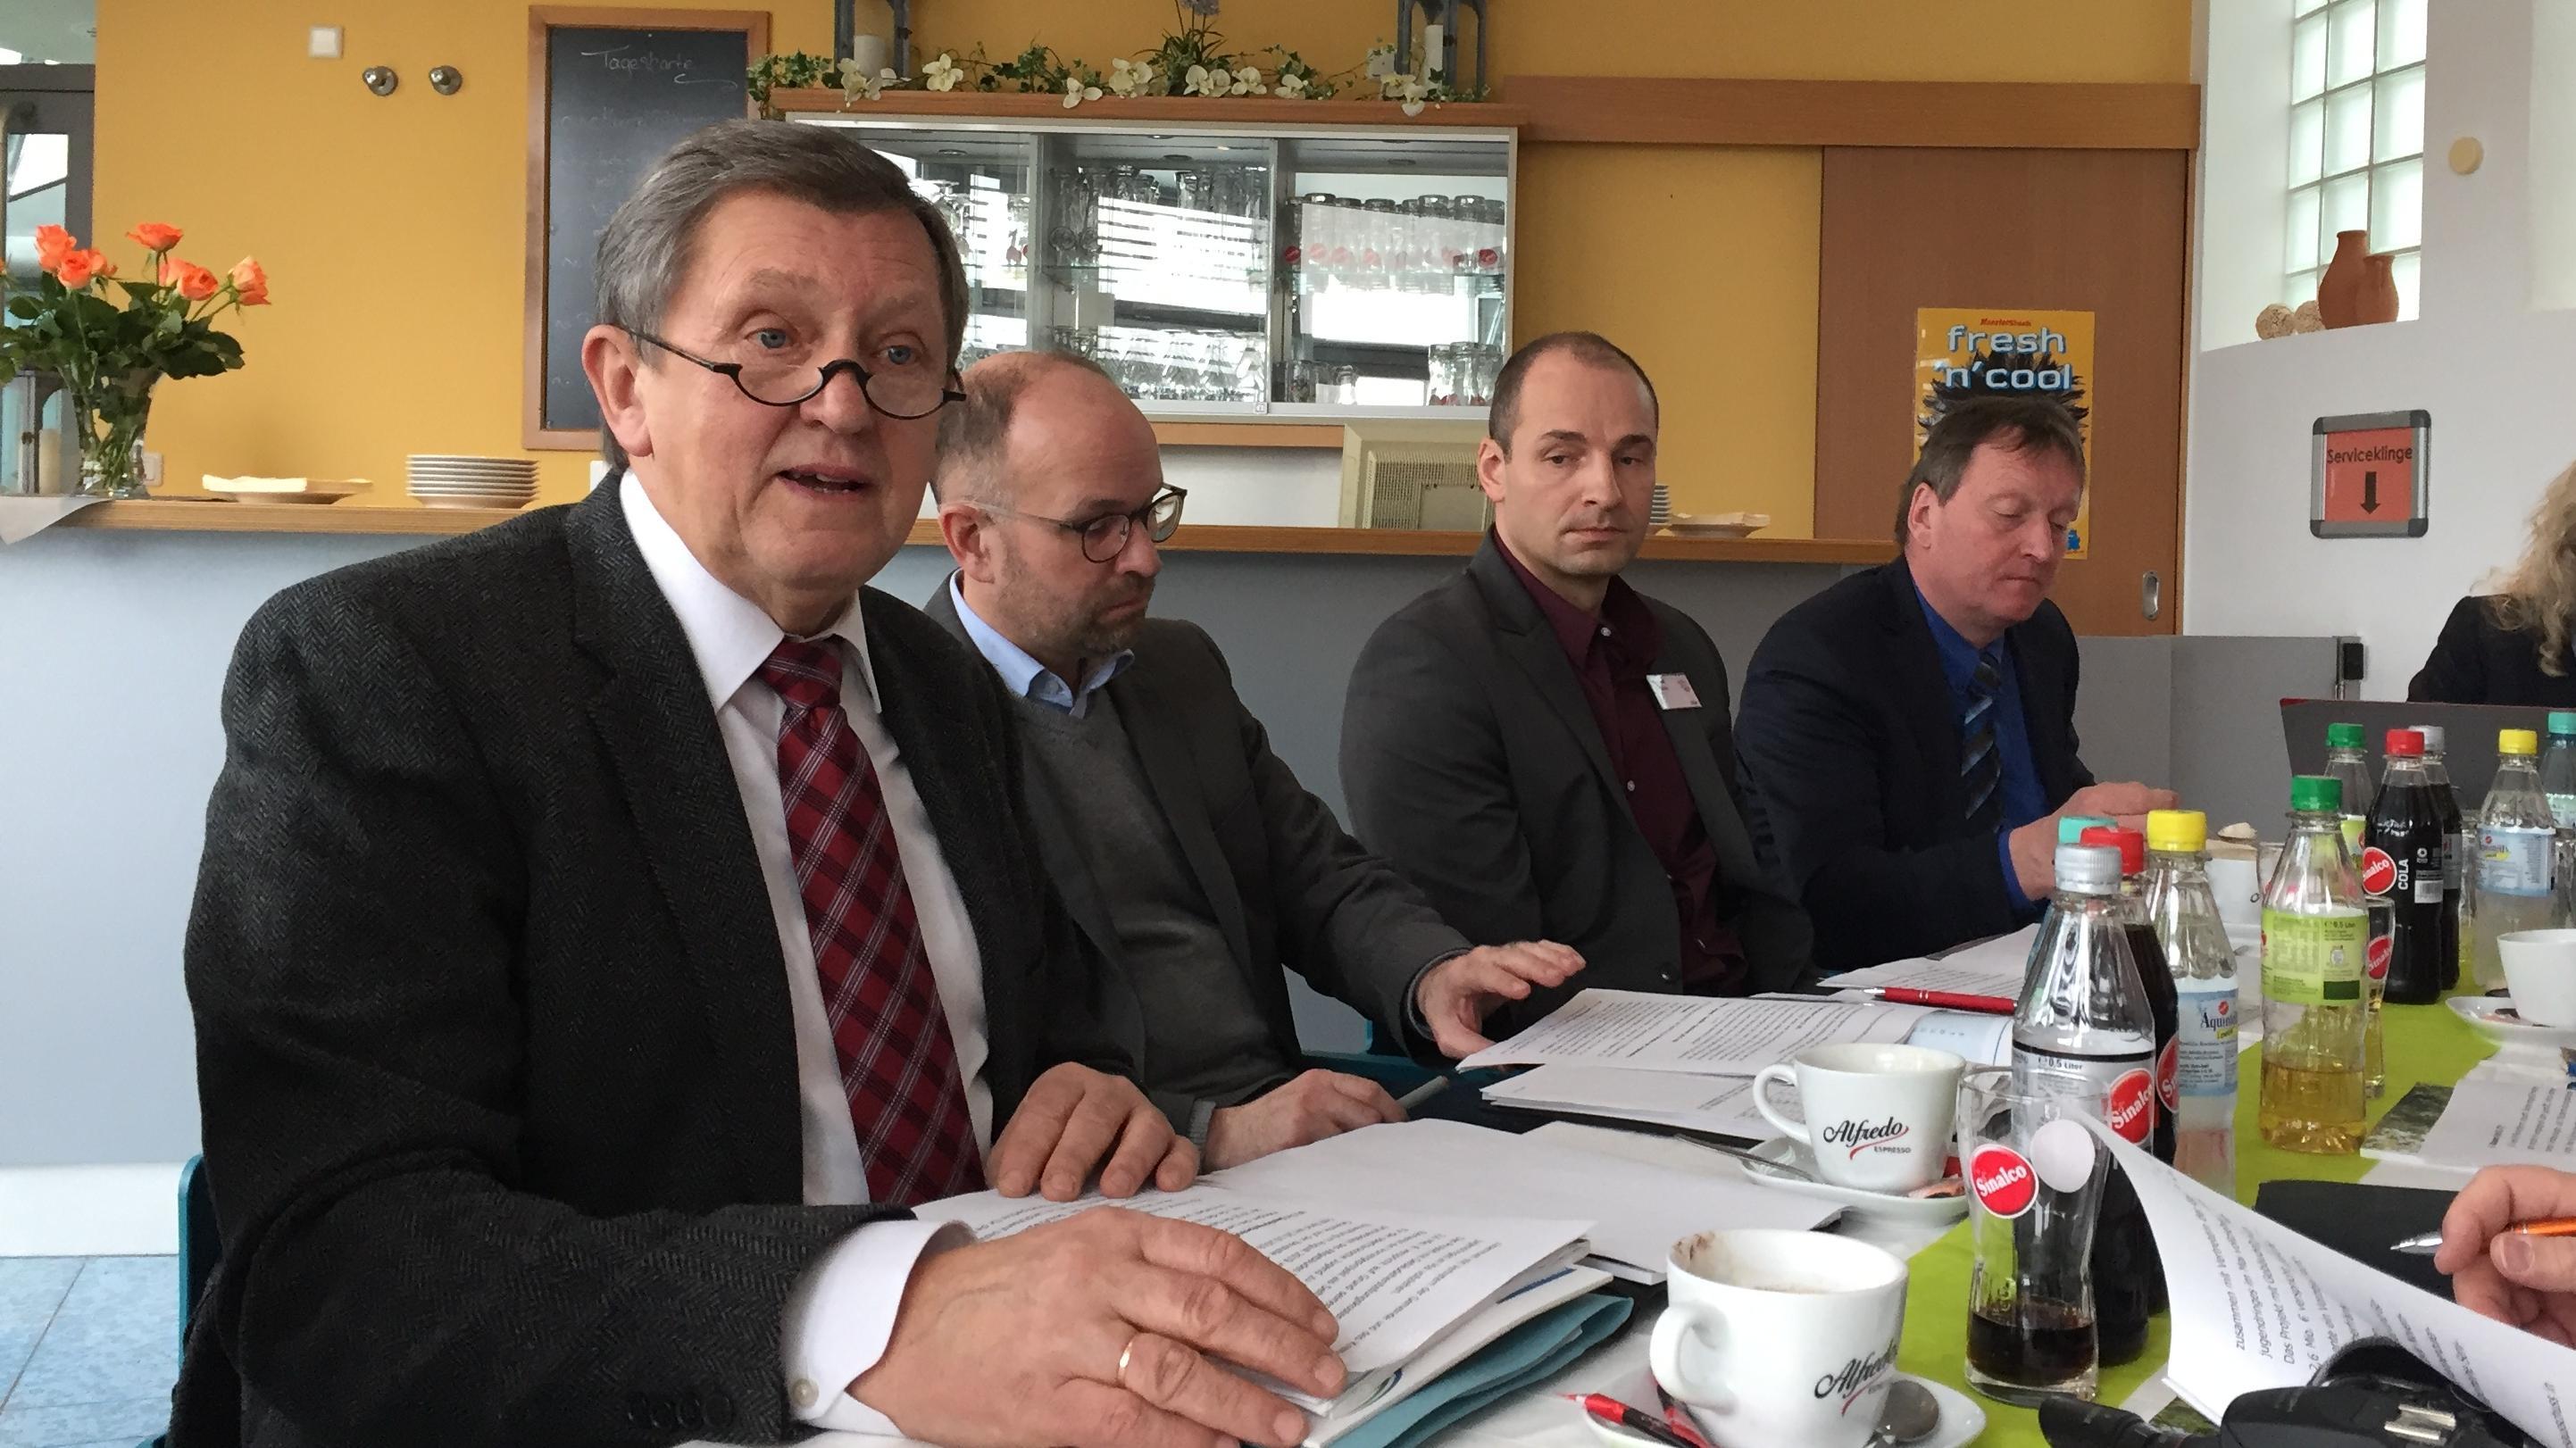 Landrat hermann Hübner an einem Tisch bei einer Pressekonferenz